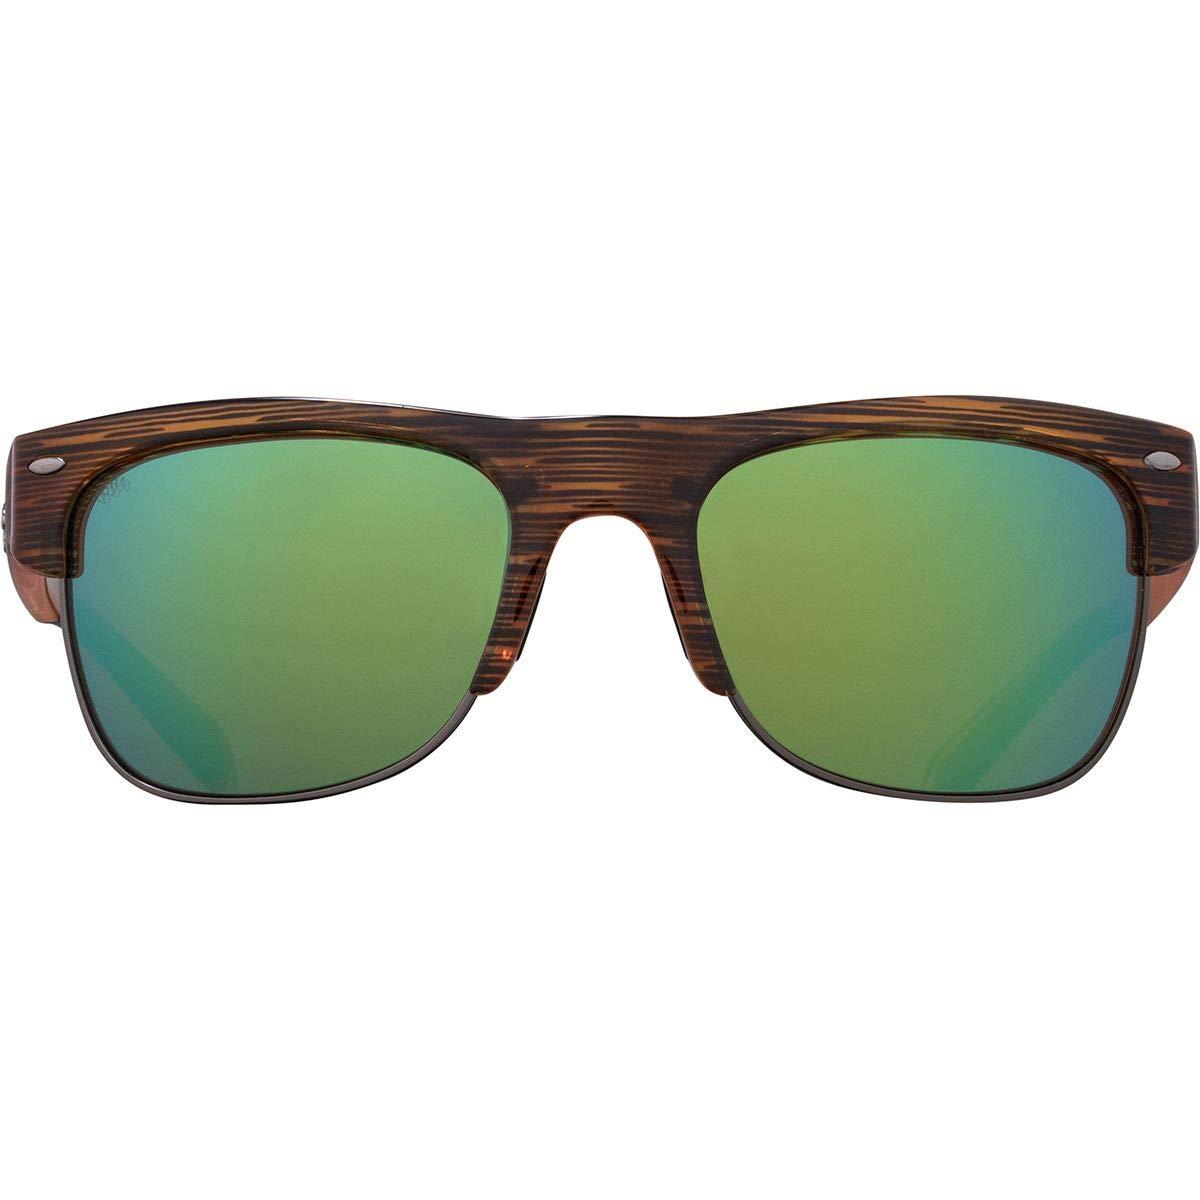 a82eebd4c7 Costa Del Mar Pawley s Sunglasses